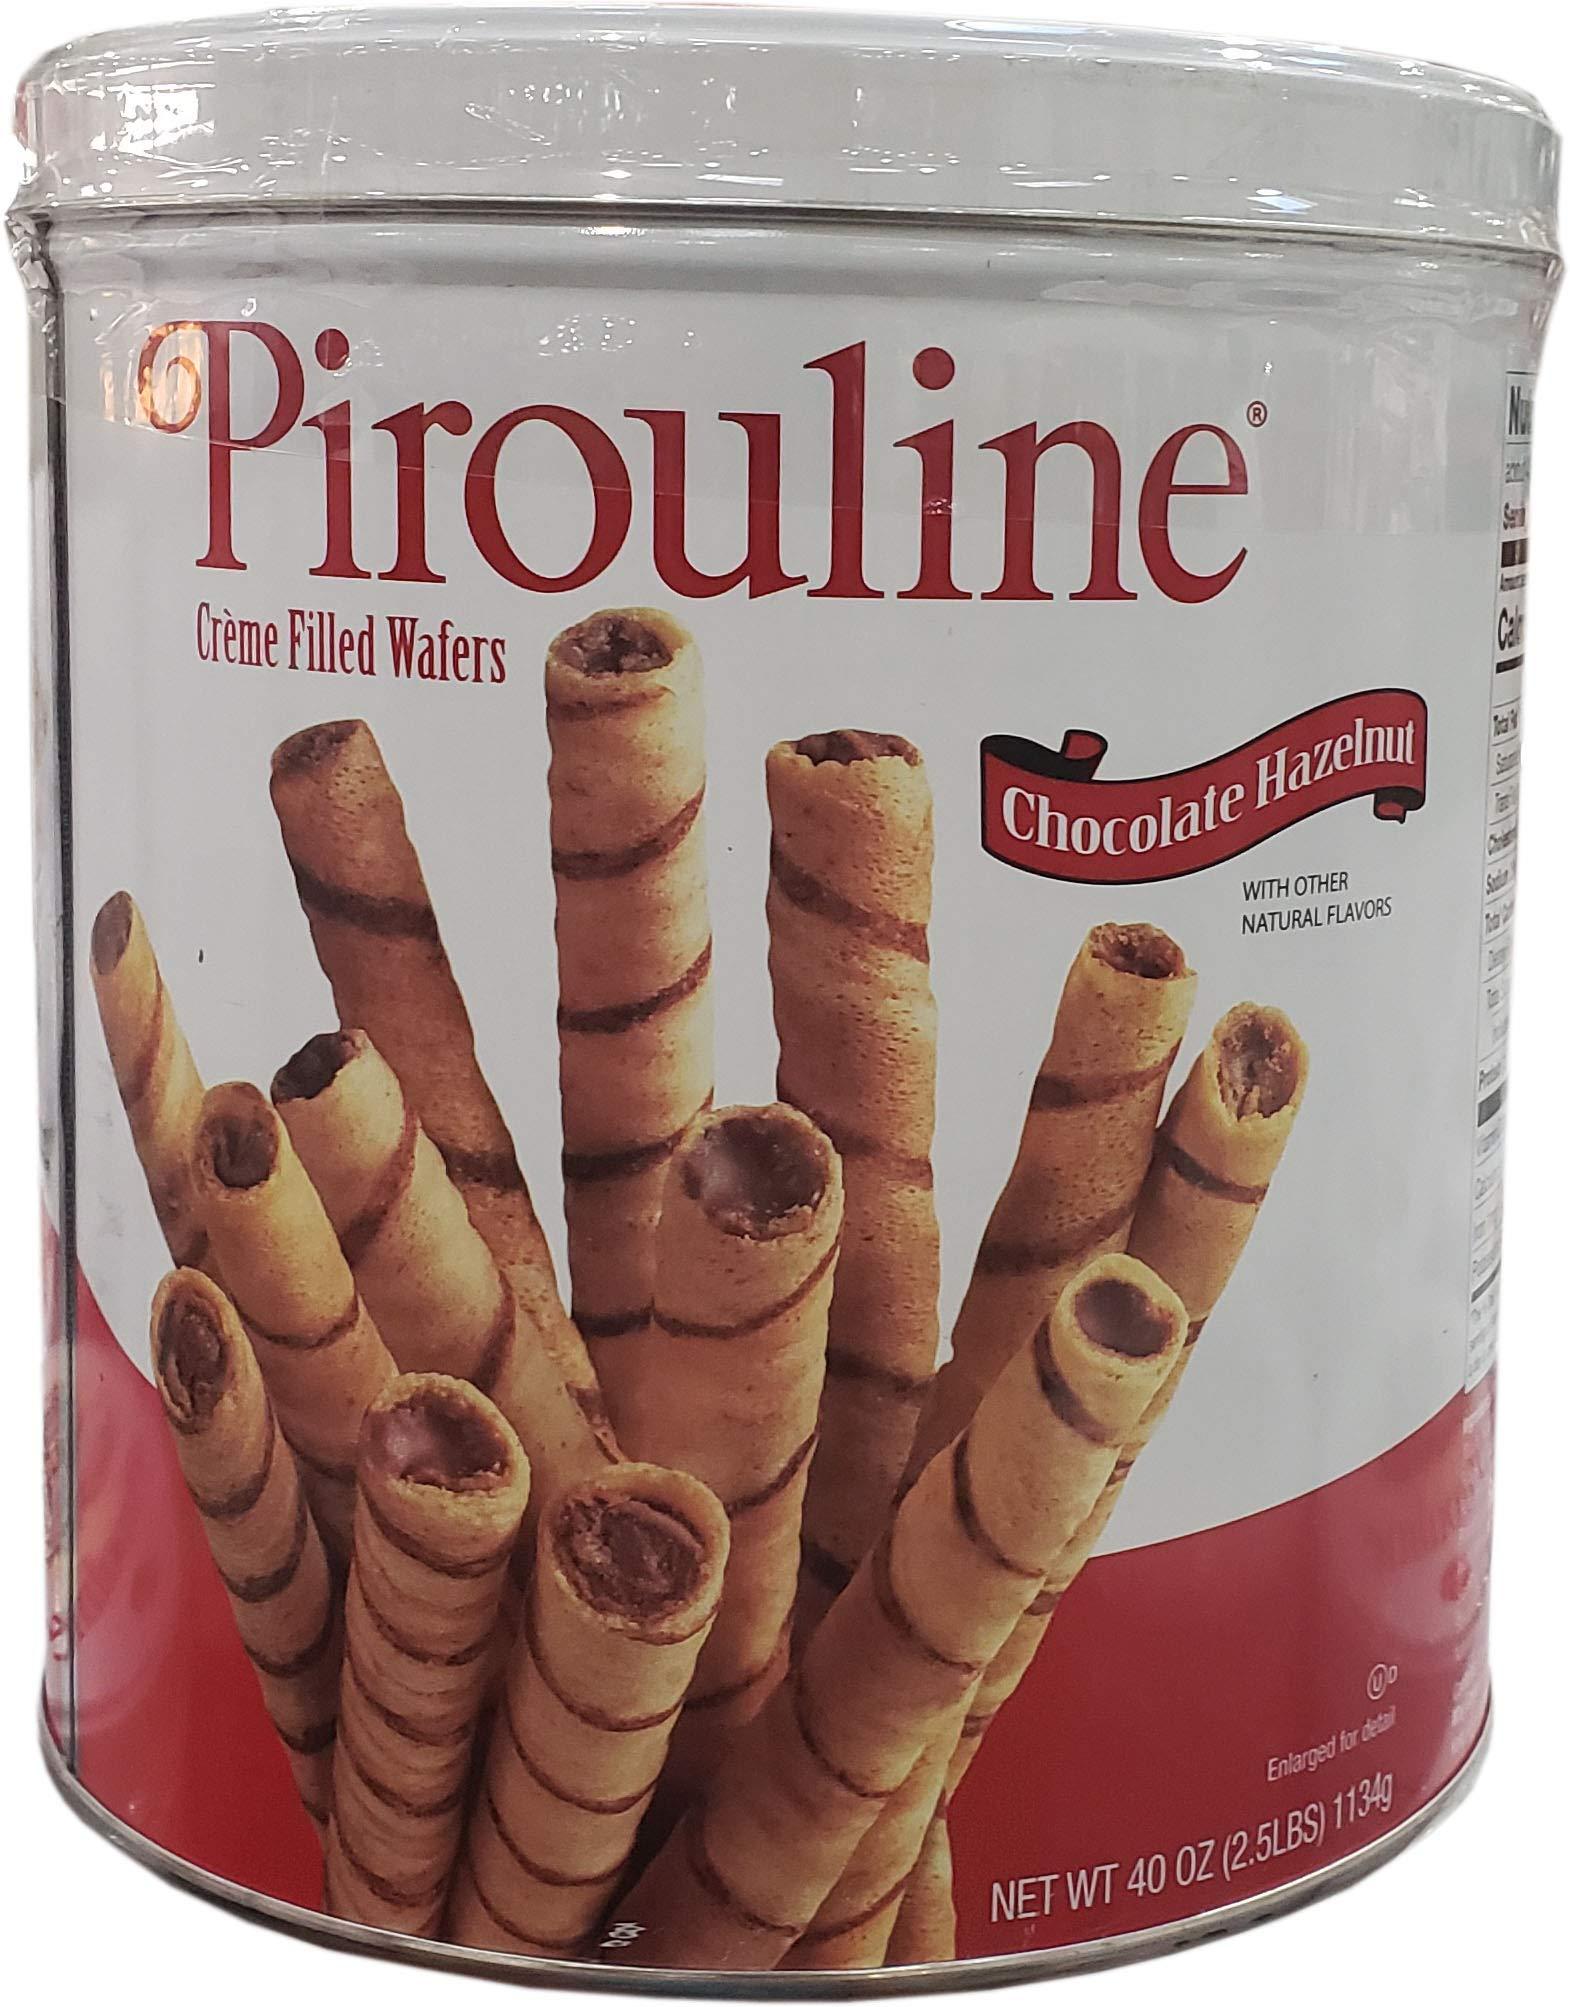 Pirouline Crème Filled Wafers Chocolate Hazelnut, 40 oz by Pirouline